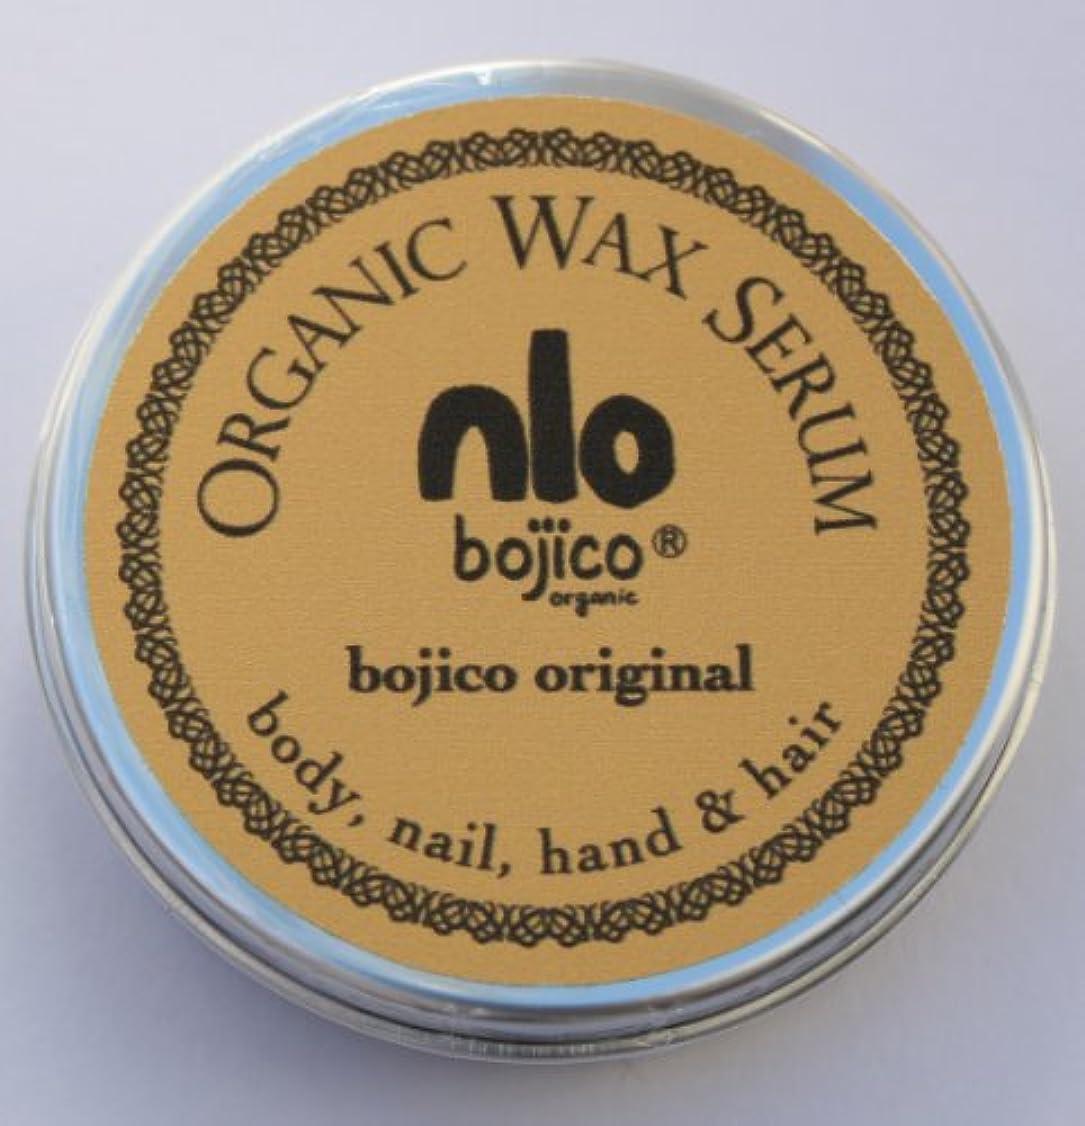 分割思われる溶岩bojico オーガニック ワックス セラム<オリジナル> Organic Wax Serum 18g